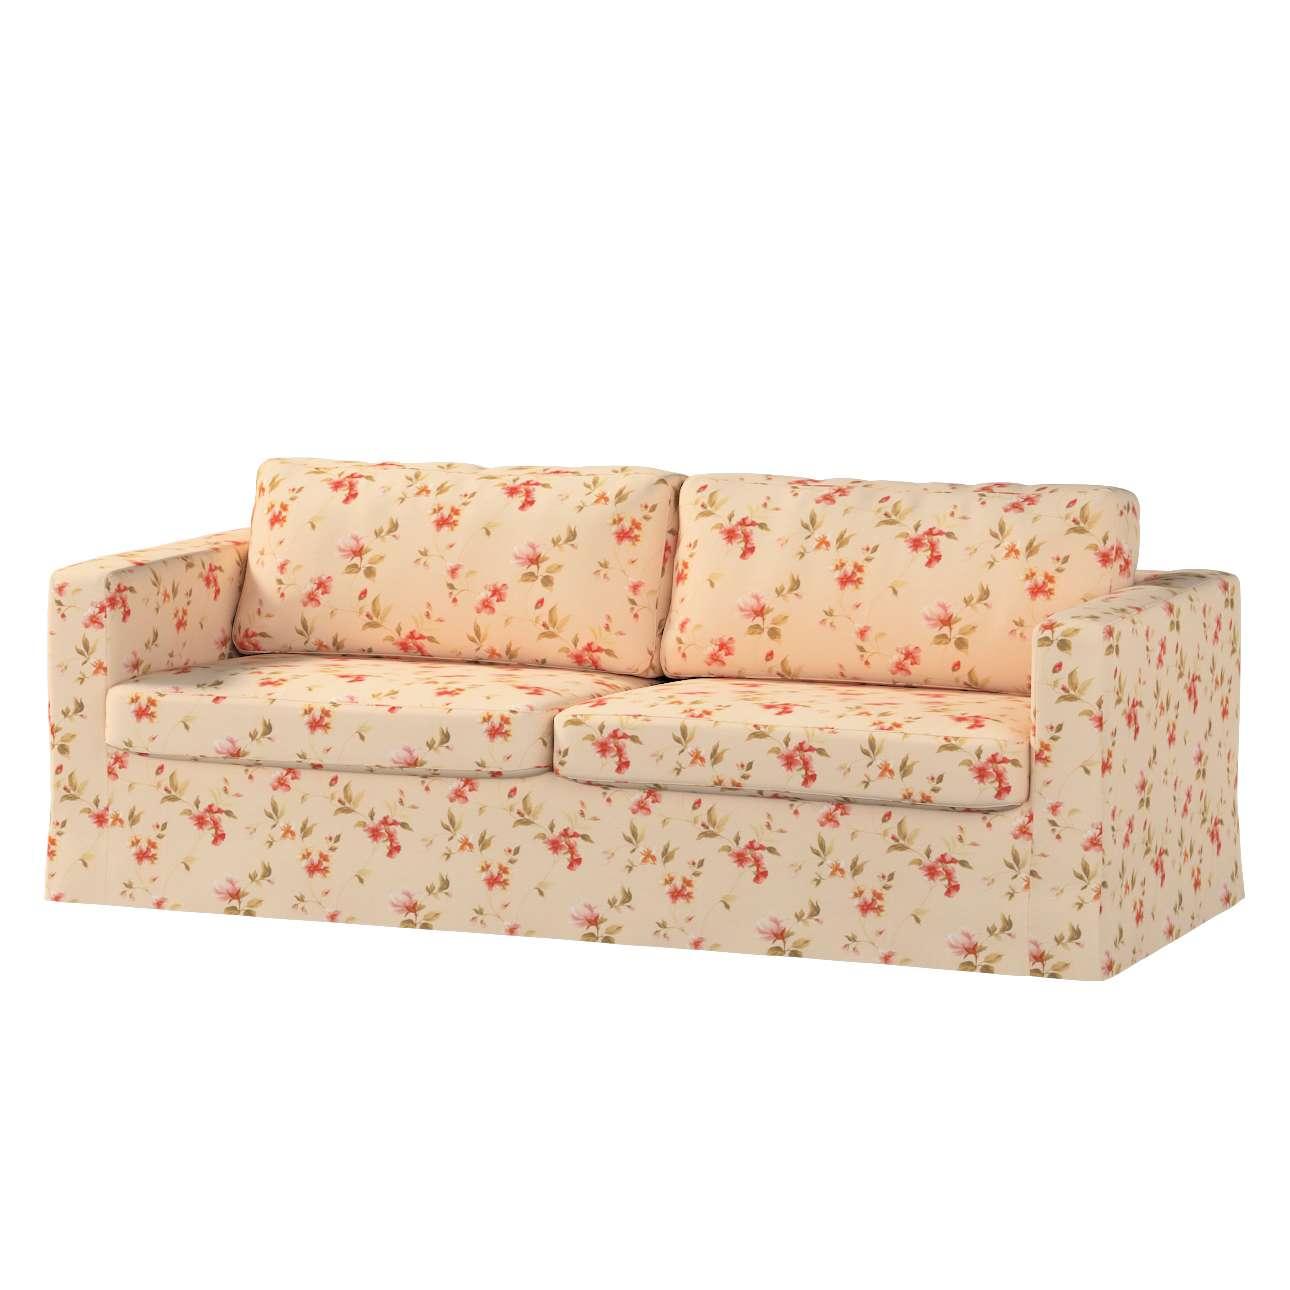 Pokrowiec na sofę Karlstad 3-osobową nierozkładaną, długi Sofa Karlstad 3-osobowa w kolekcji Londres, tkanina: 124-05